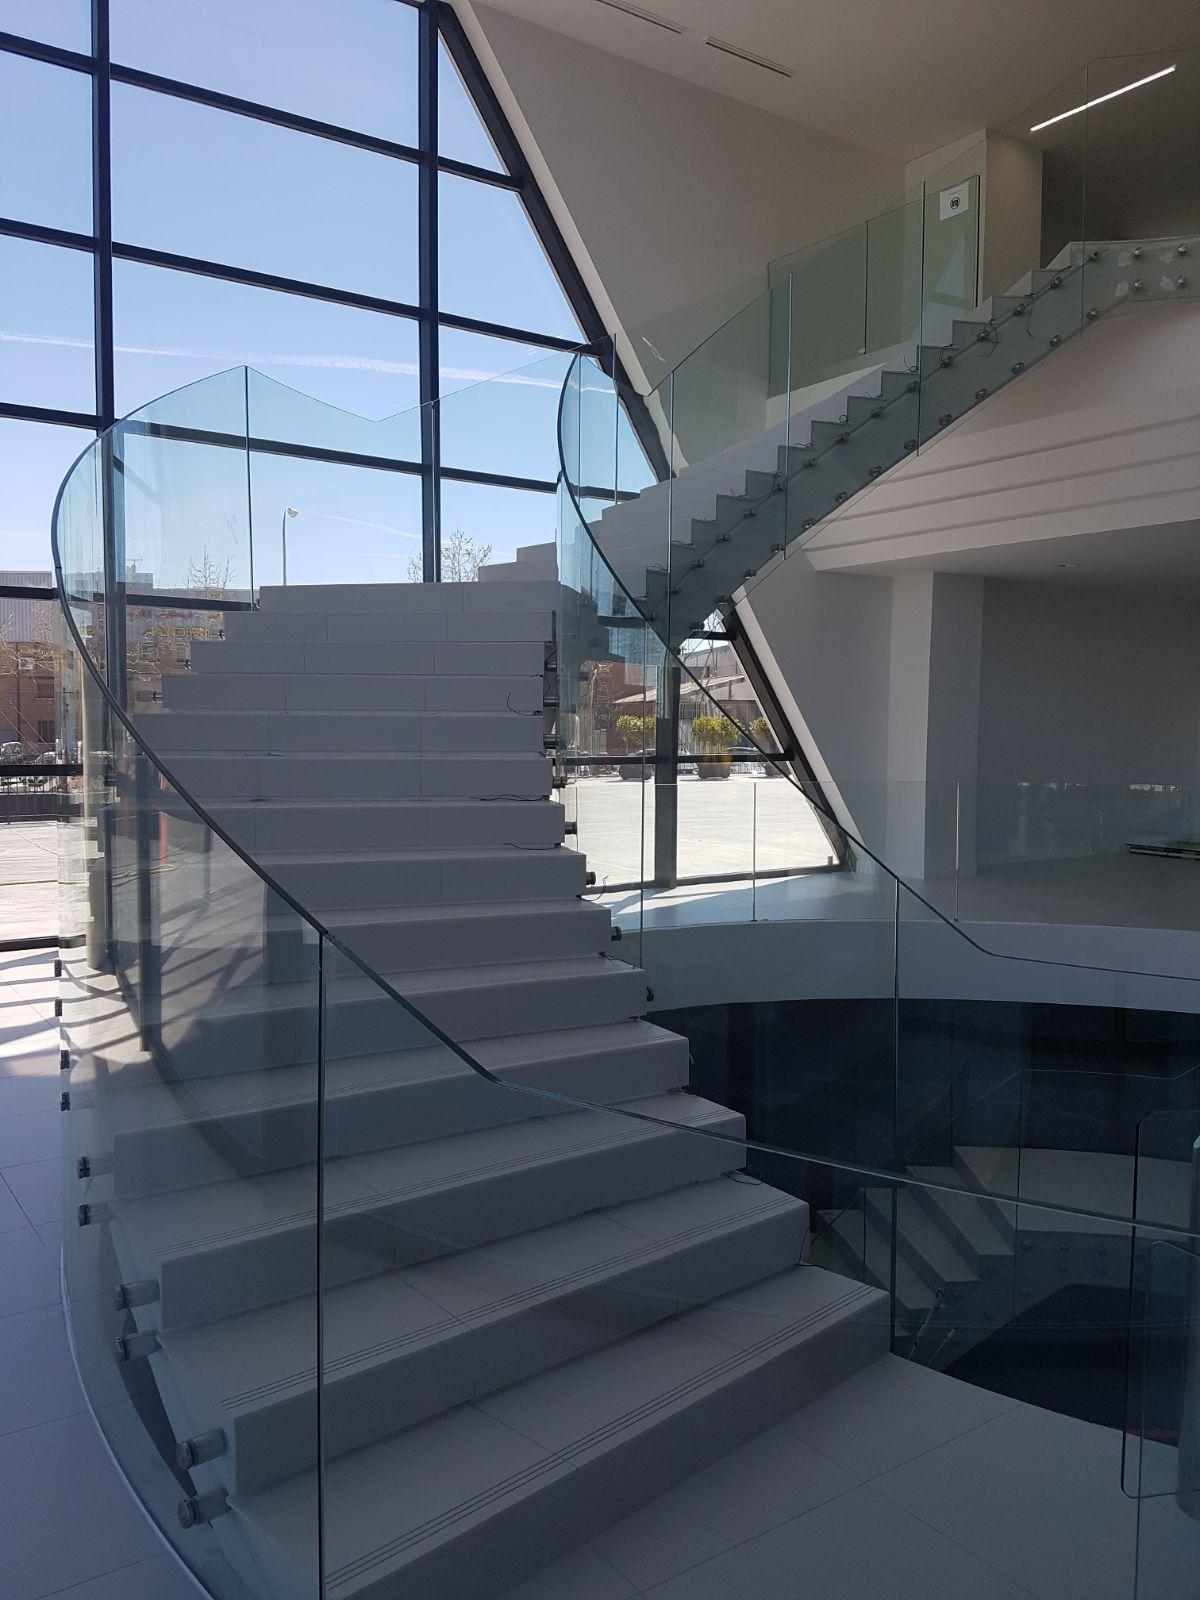 Barandillas de vidrio y escaleras de vidrio con pasamanos en acero inoxidable - Escaleras con cristal ...